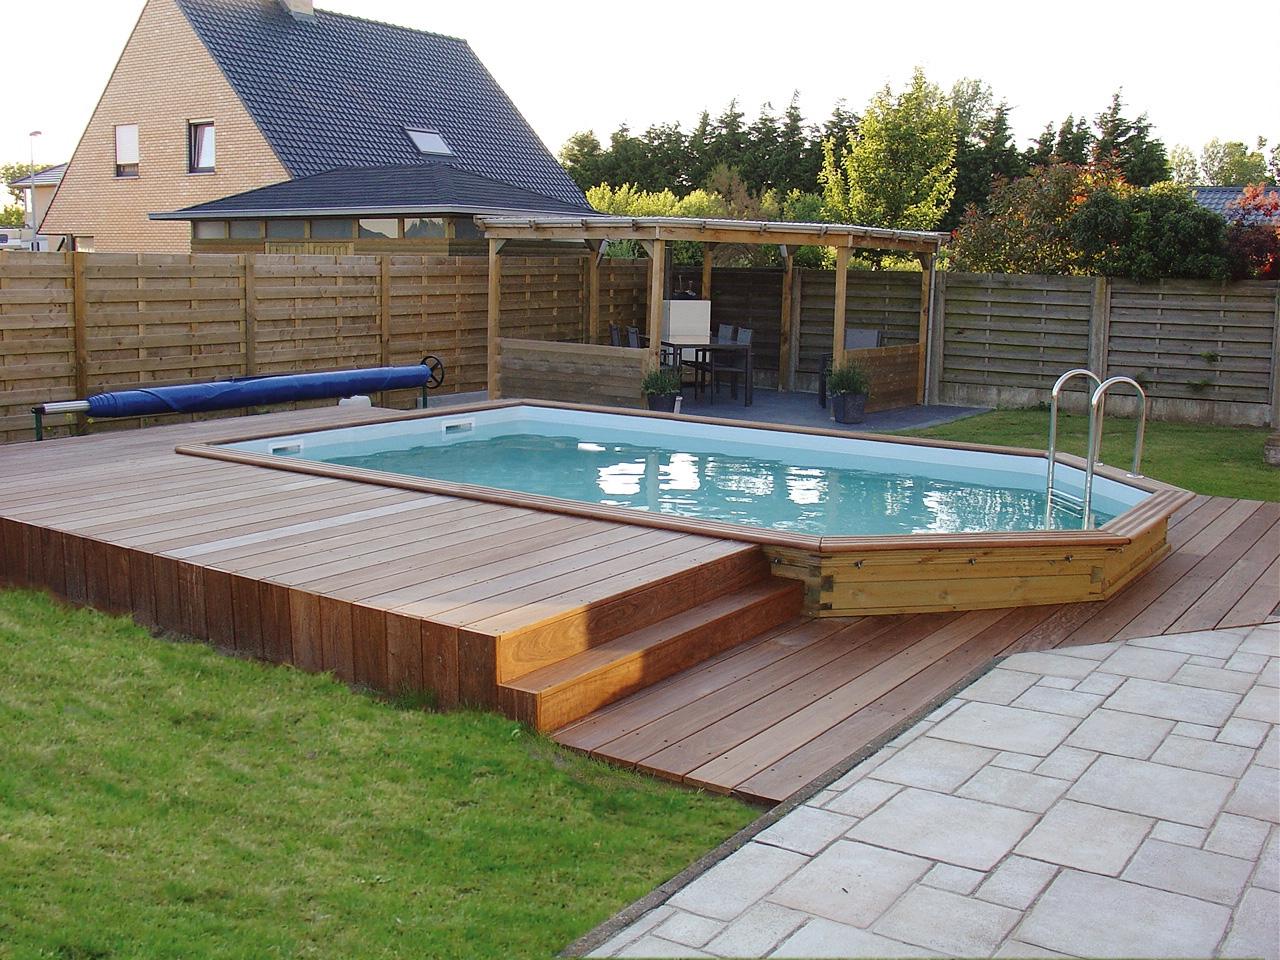 Piscine semi enterr e terrasse bois jardin - Hivernage piscine bois semi enterree ...